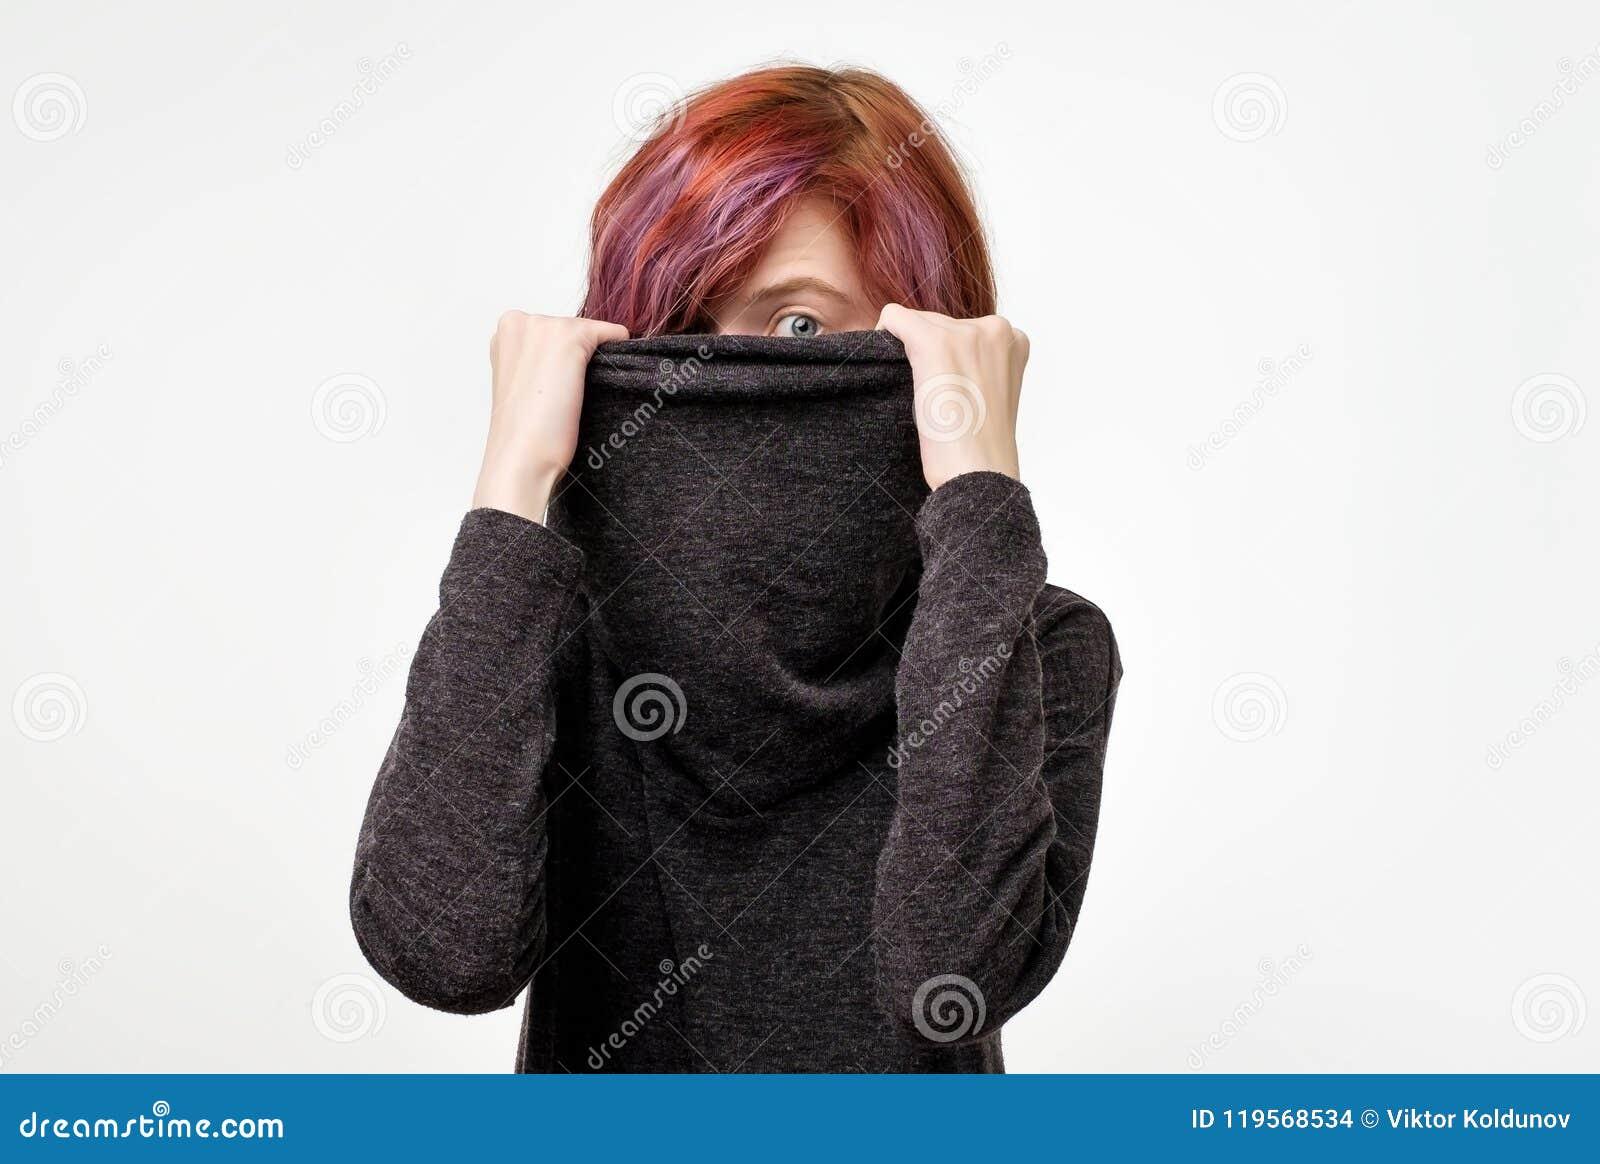 Anonimowy pojęcie Młoda kobieta z ciekawą kolorową fryzurą chuje jej twarz z kołnierzem